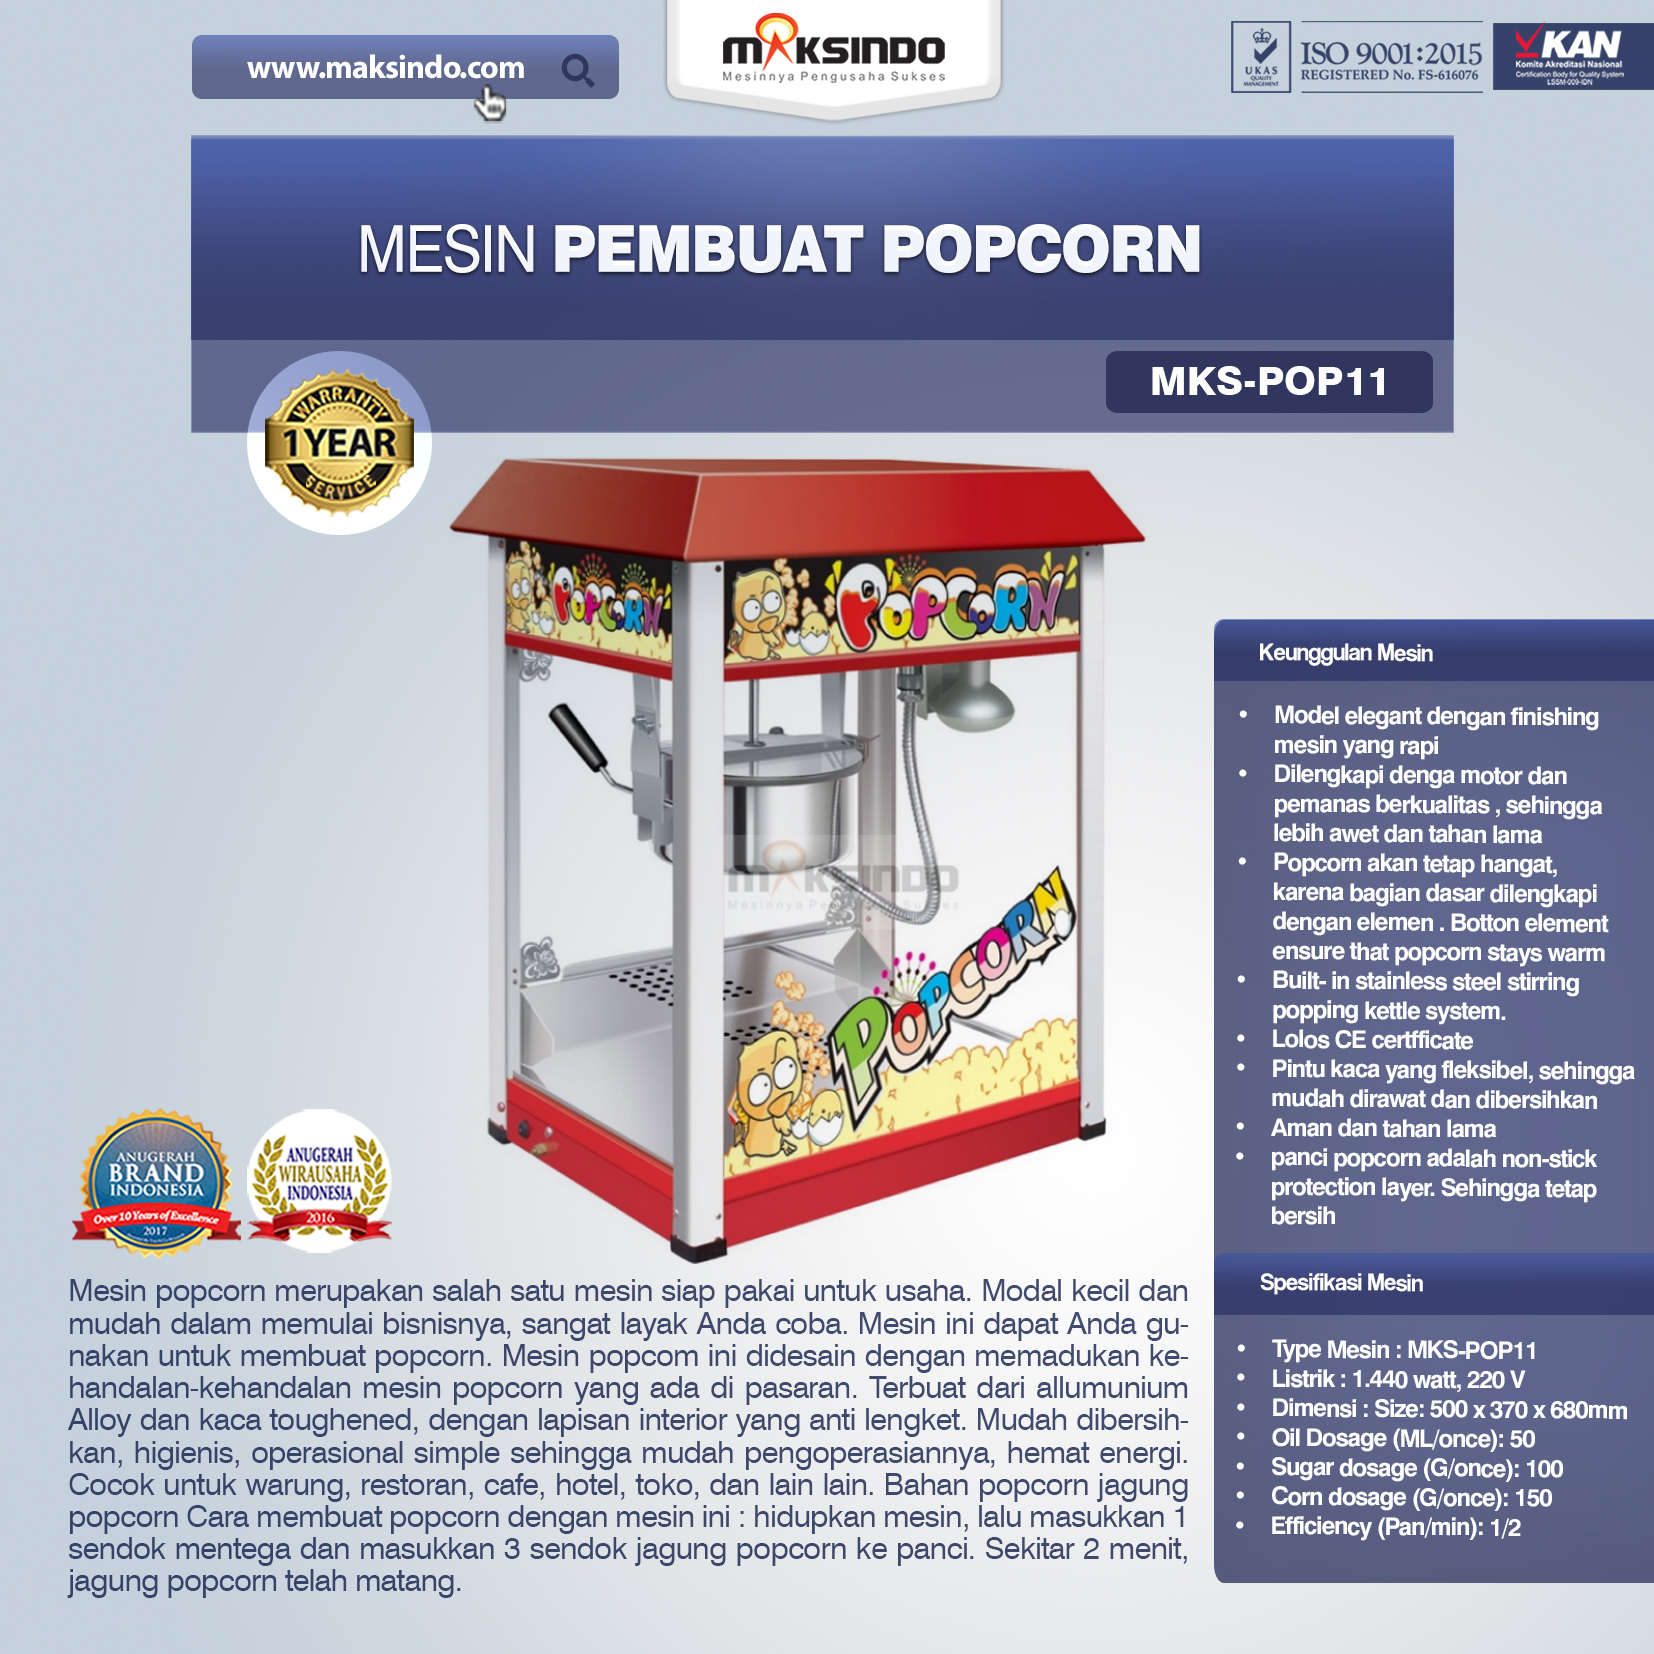 Jual Mesin Pembuat Popcorn (POP11) di Banjarmasin